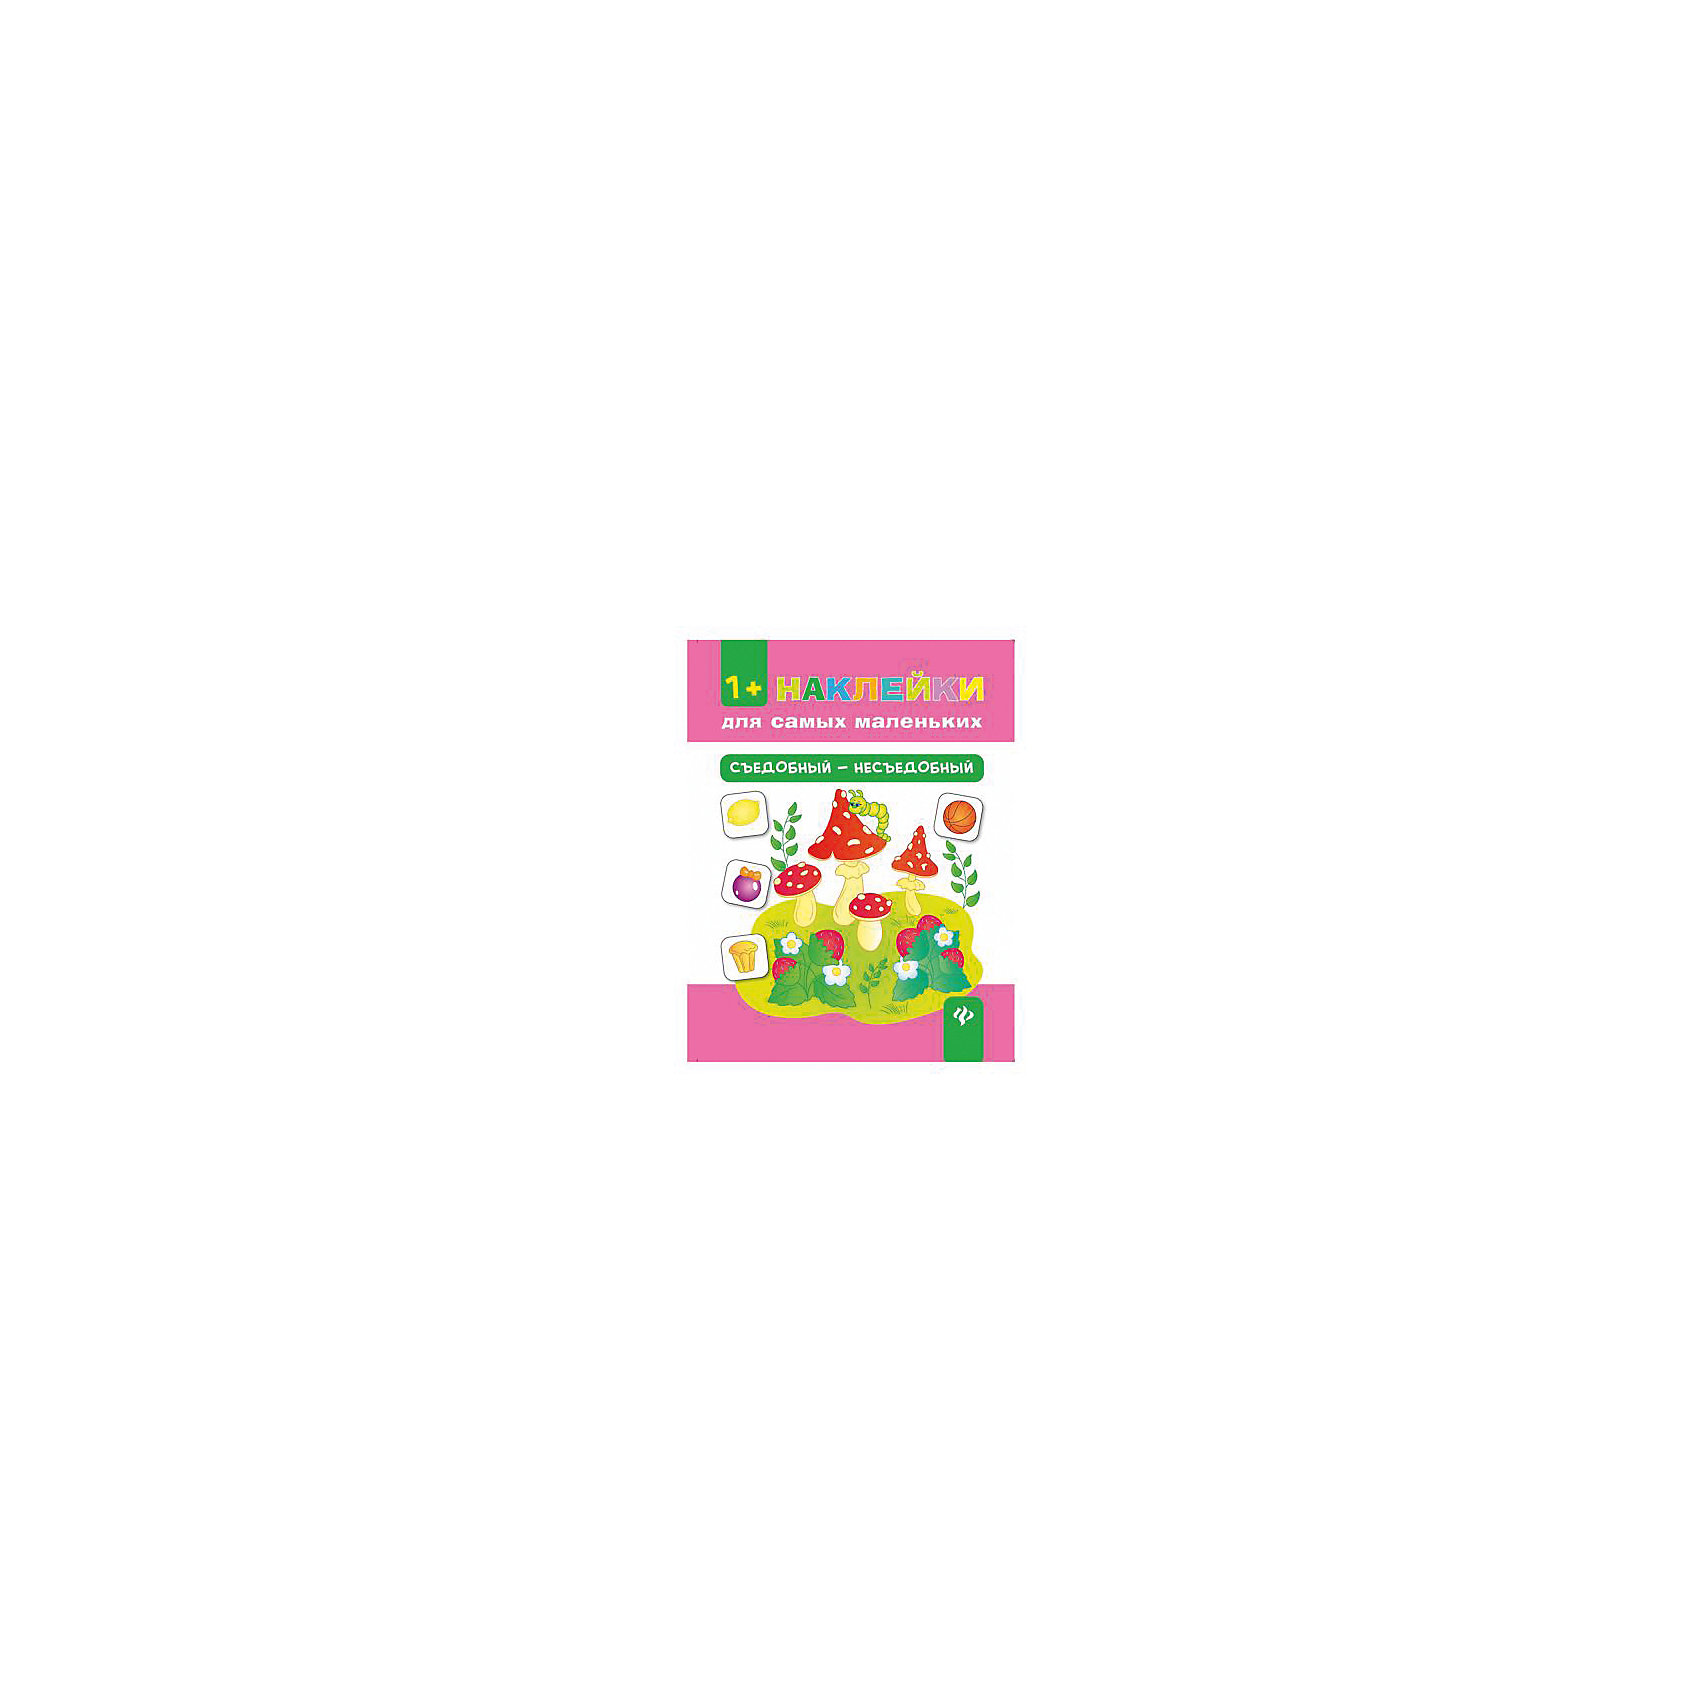 Комплект наклеек Съедобный + вспомни сказкуКнижки с наклейками<br>Книги серии «Наклейки для самых маленьких» дают малышам возможность не только развивать мелкую моторику рук, но еще и пополнять свои знания: базовые понятия (большой — маленький, один — много, высокий — низкий и другие), основные геометрические формы и названия цветов радуги, ребенок не только увлекательно проведет свой досуг, но и сможет потренировать логическое мышление, произвольное внимание и память, станет более сообразительным, старательным и усидчивым. Яркие весёлые иллюстрации и интересные задания превратят познание мира в увлекательную игру!<br><br>Ширина мм: 260<br>Глубина мм: 200<br>Высота мм: 20<br>Вес г: 318<br>Возраст от месяцев: 36<br>Возраст до месяцев: 2147483647<br>Пол: Унисекс<br>Возраст: Детский<br>SKU: 6873668